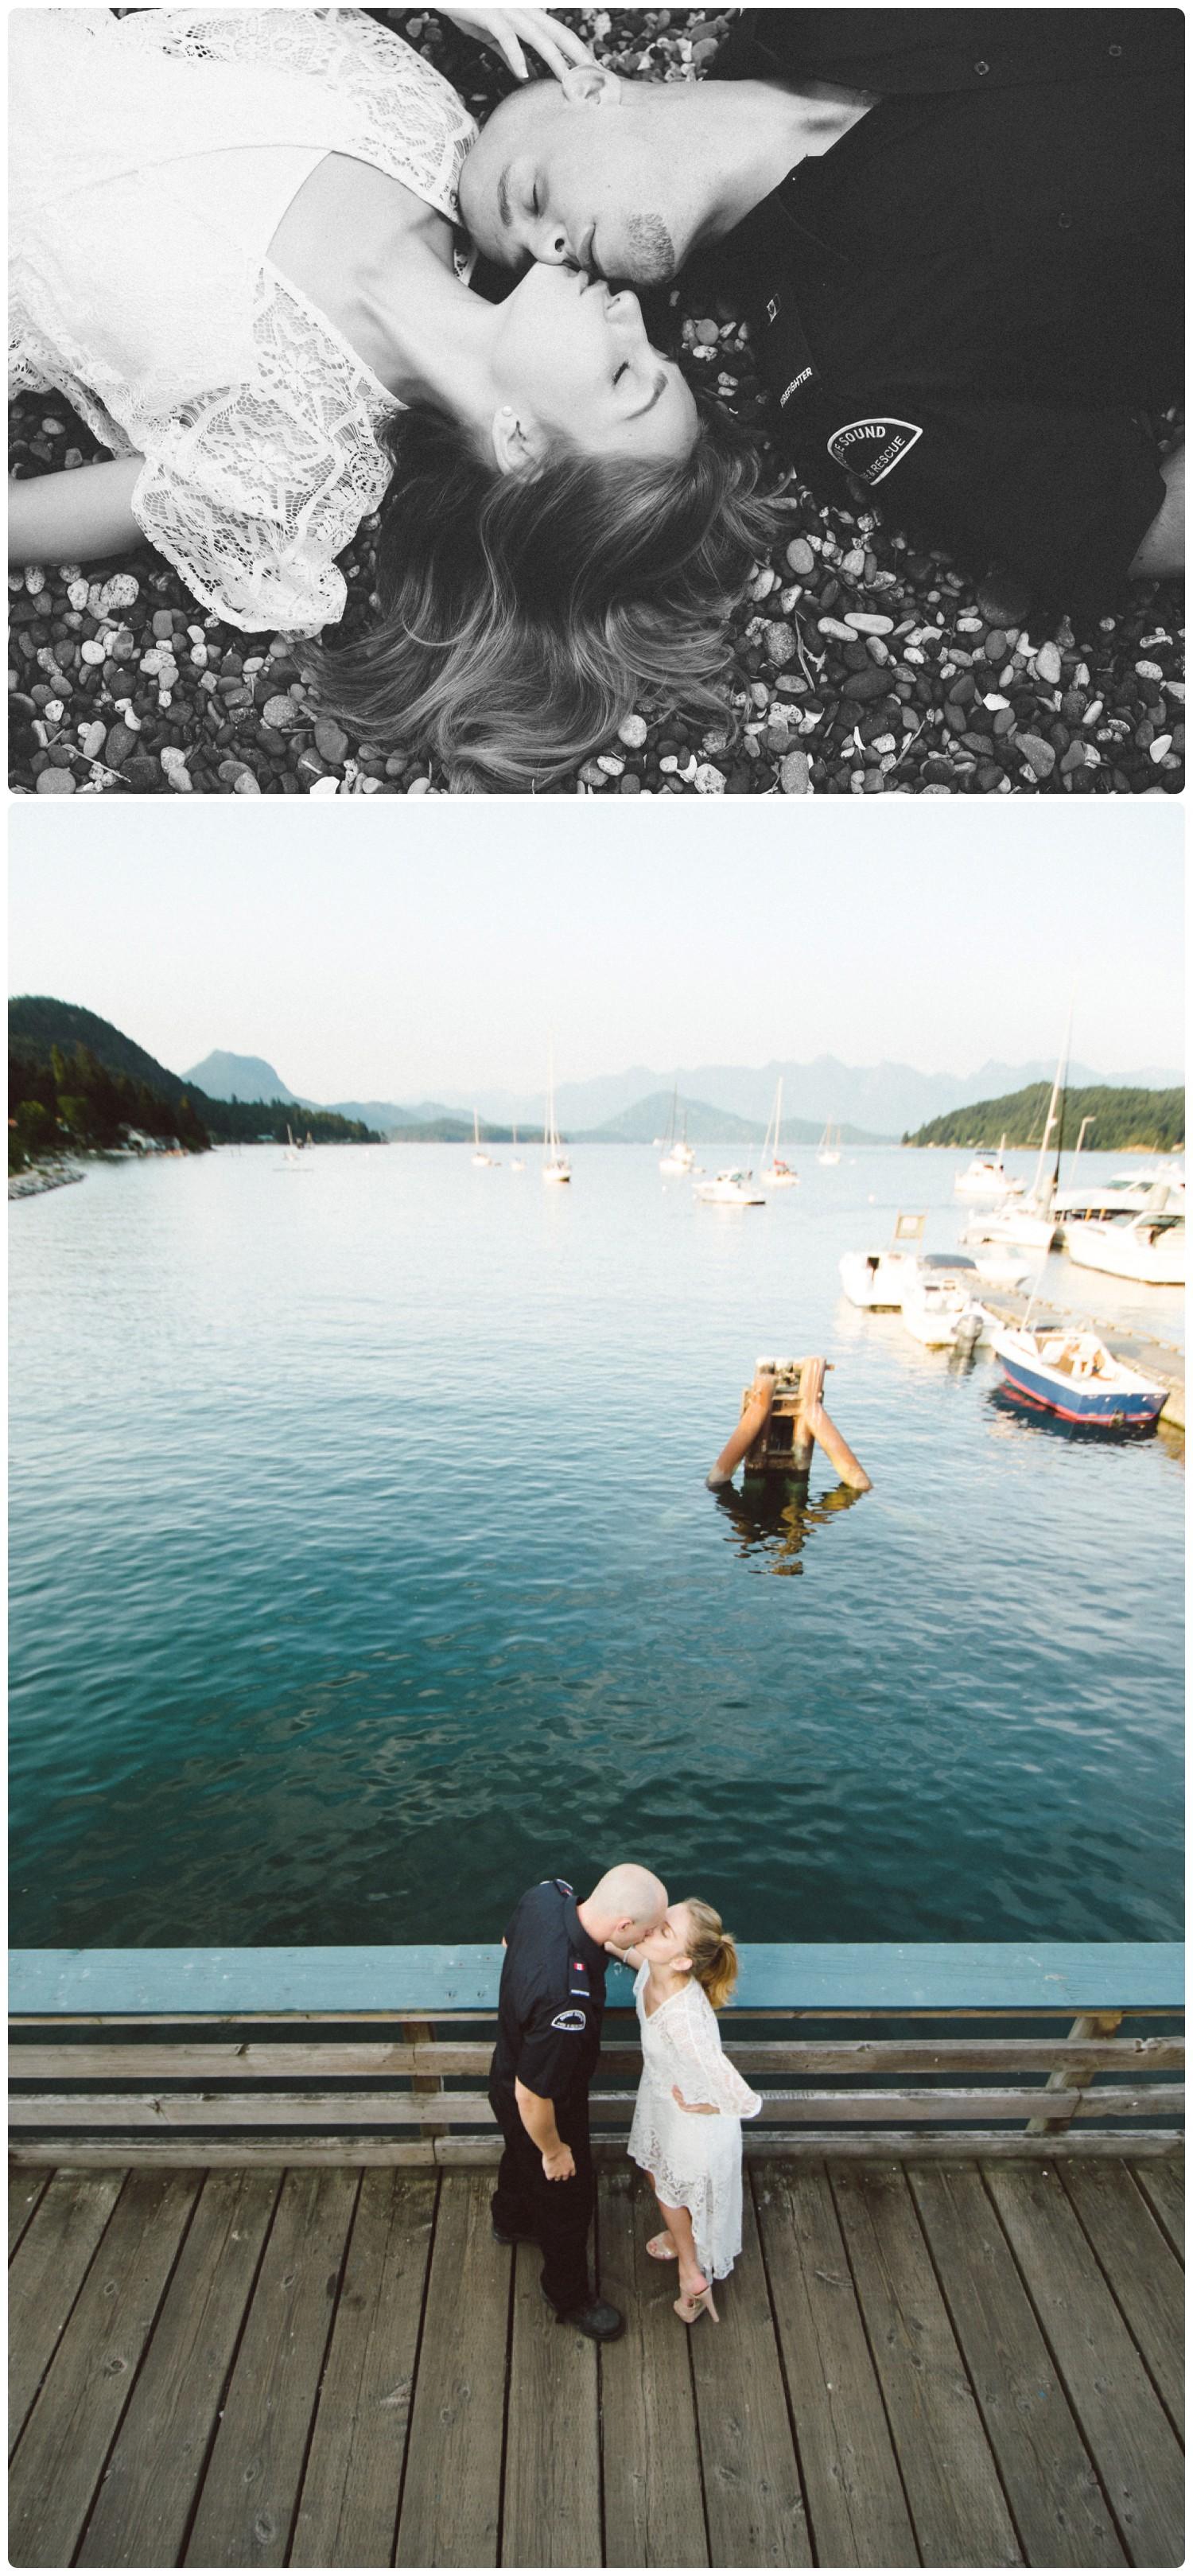 2015-07-10_0003.jpg